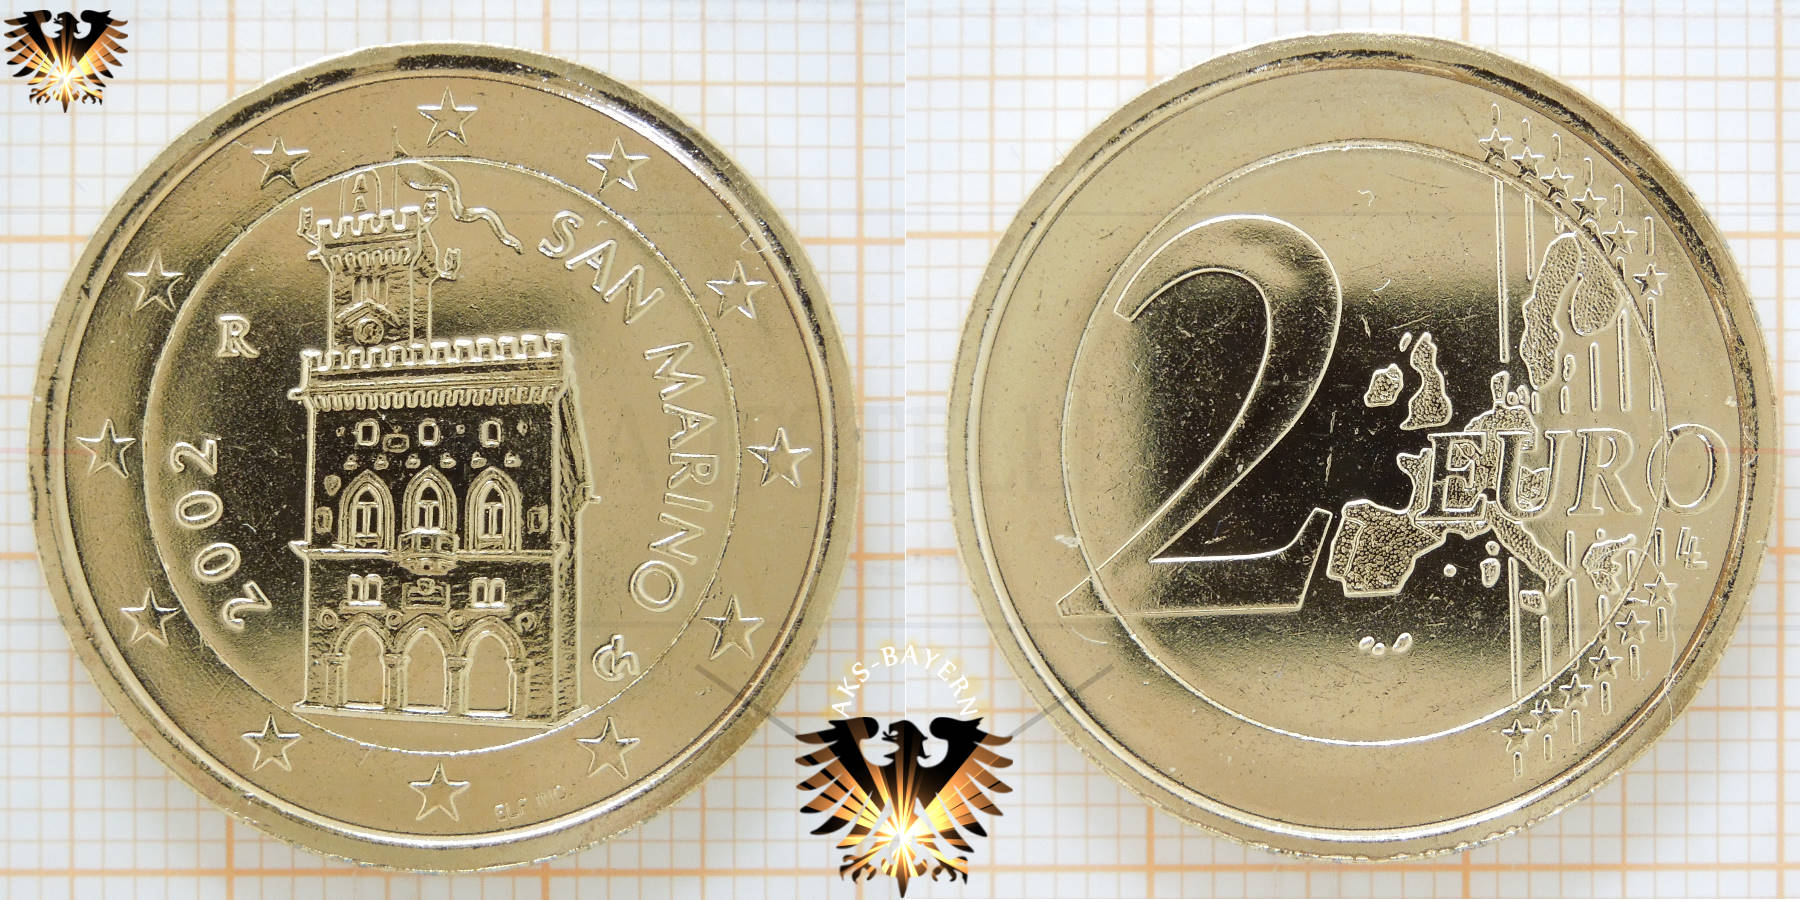 2 Euro San Marino 2003 Nominal